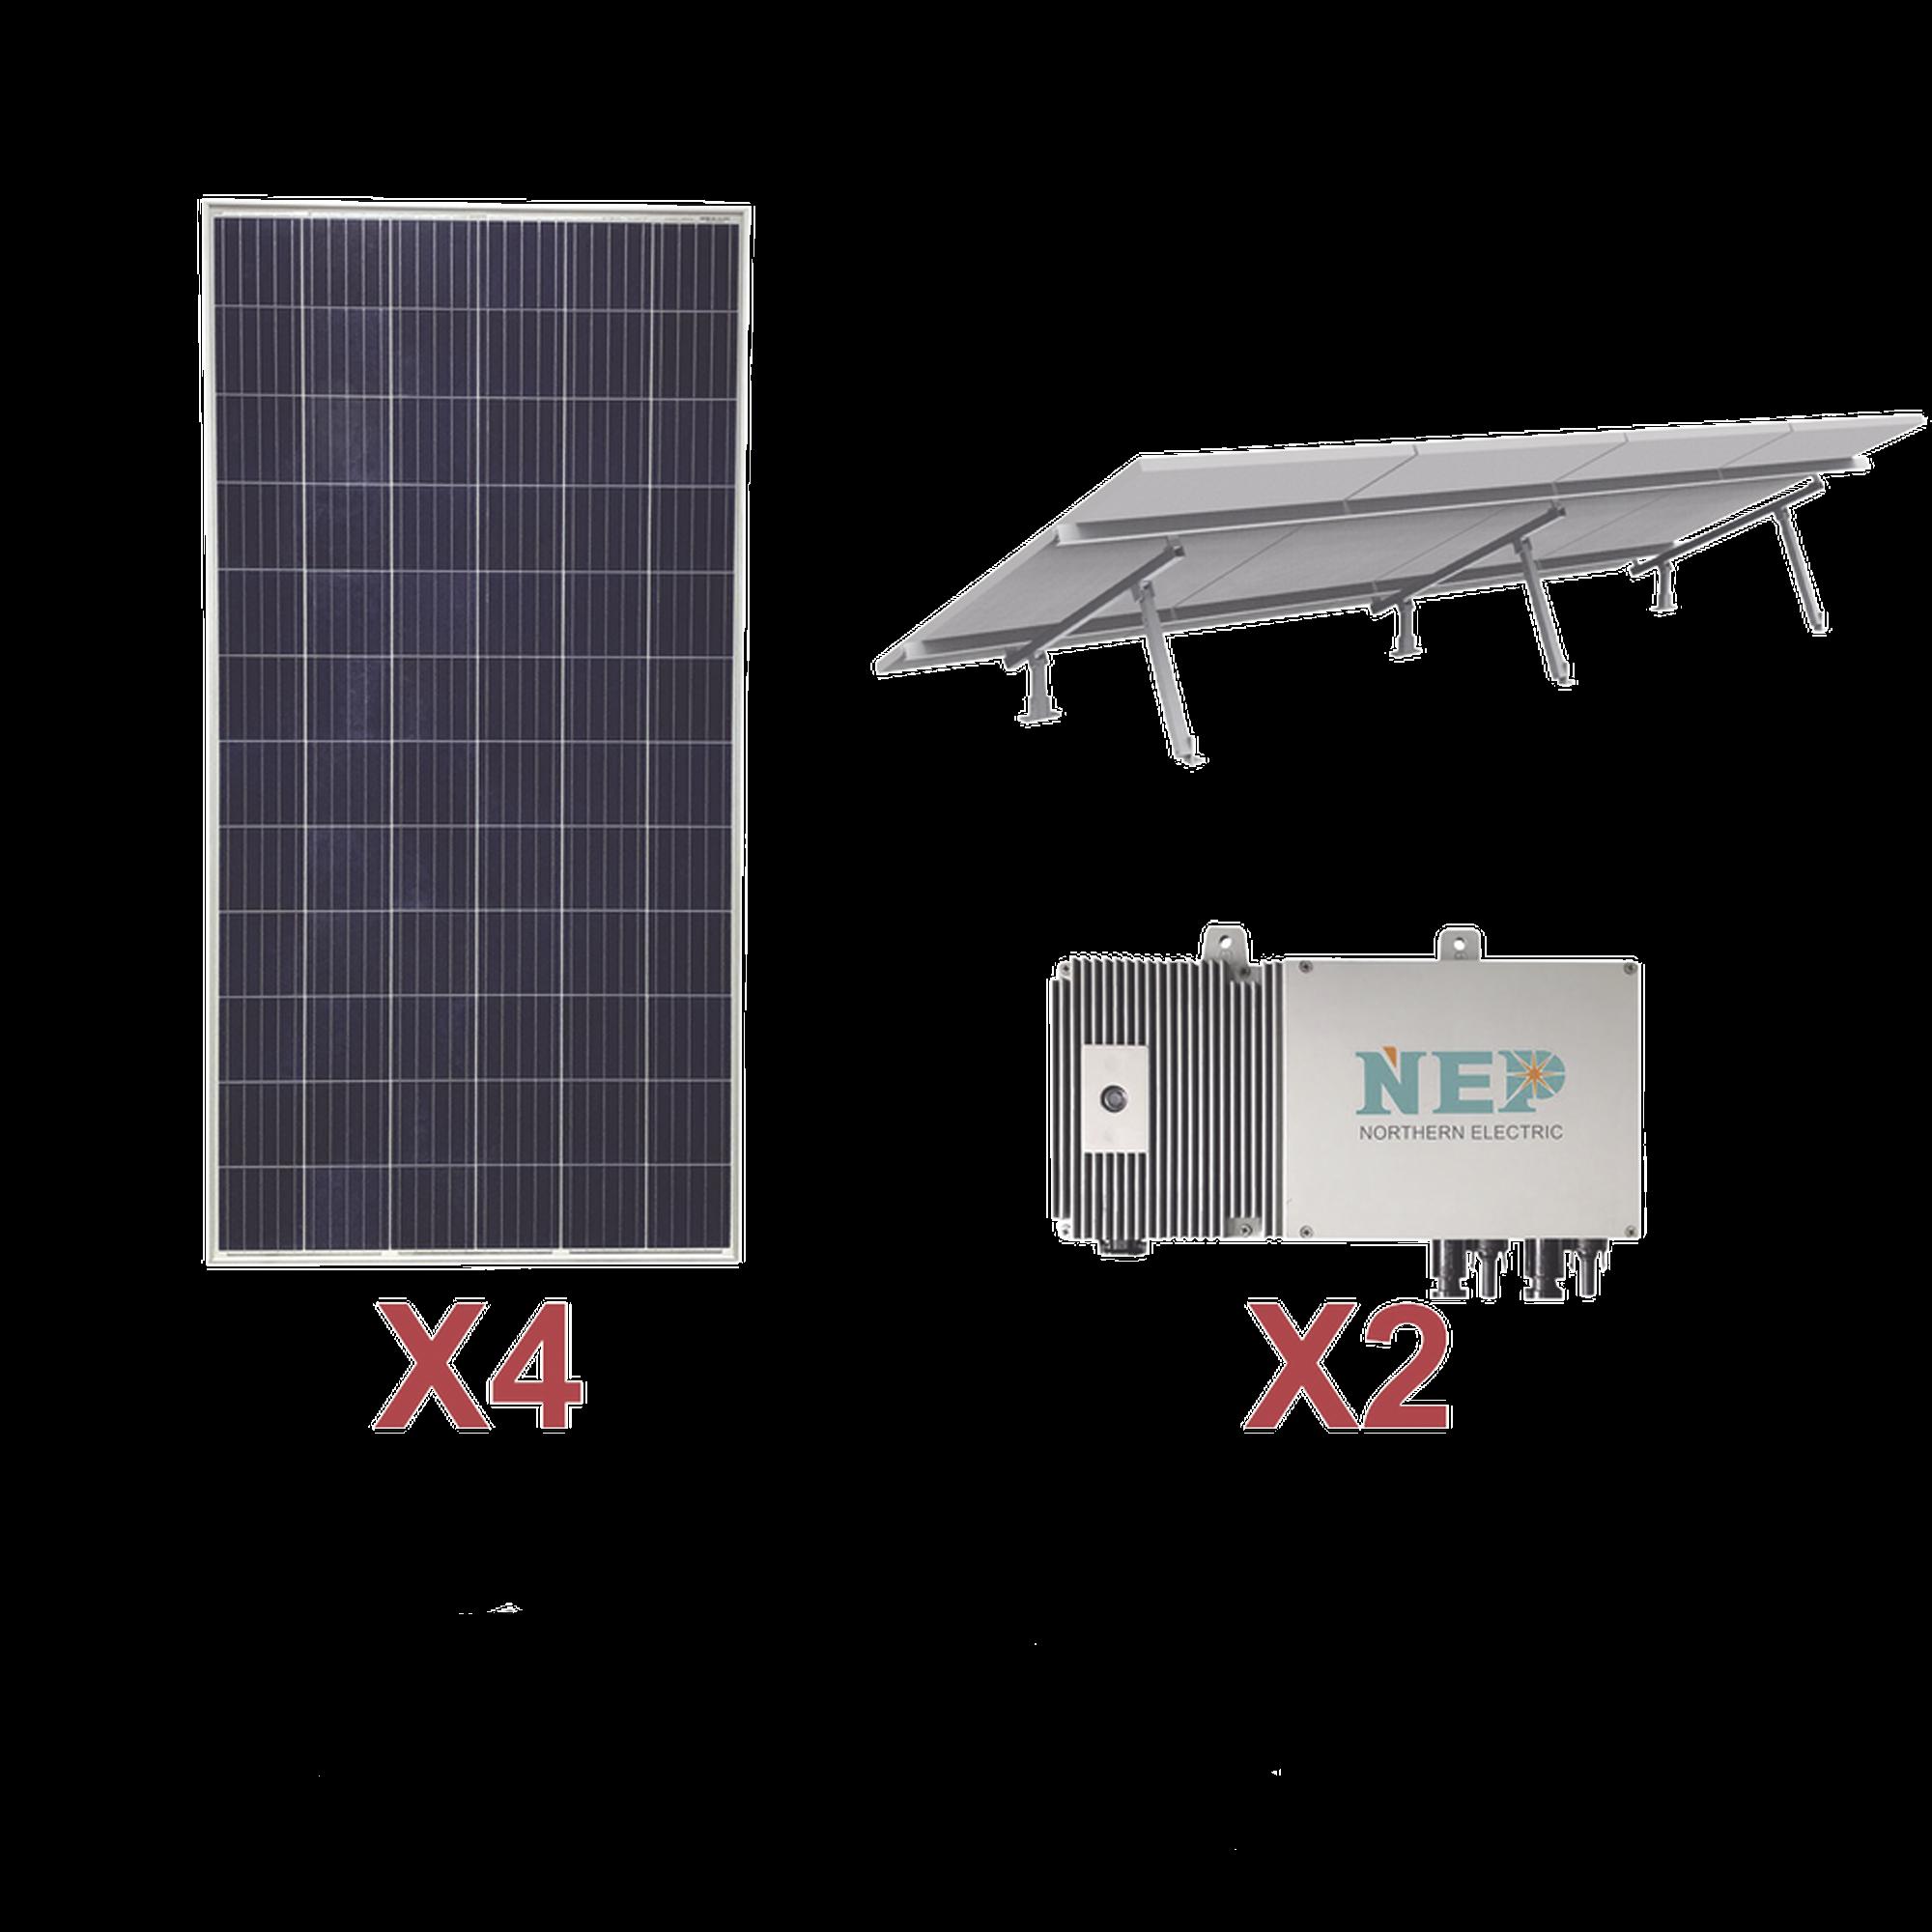 Kit Solar para Interconexión de 1.1 kW de Potencia, 110 Vca con Micro Inversores y Paneles Policristalinos.